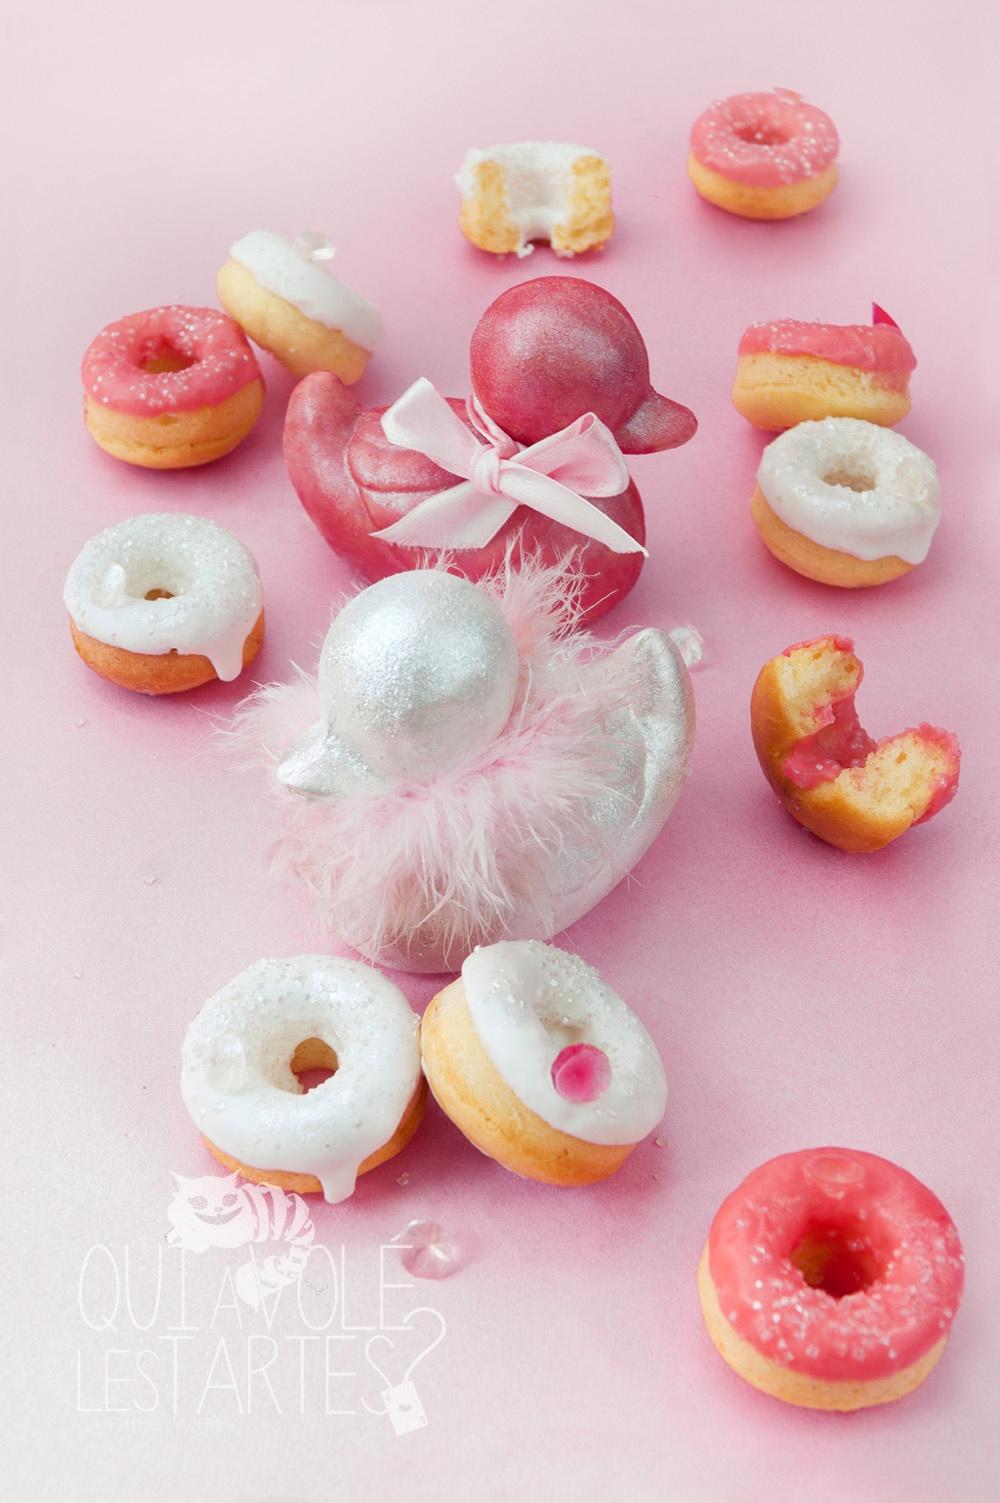 Donuts sans gluten St Valentin 3 - Studio de création - Qui a volé les tartes